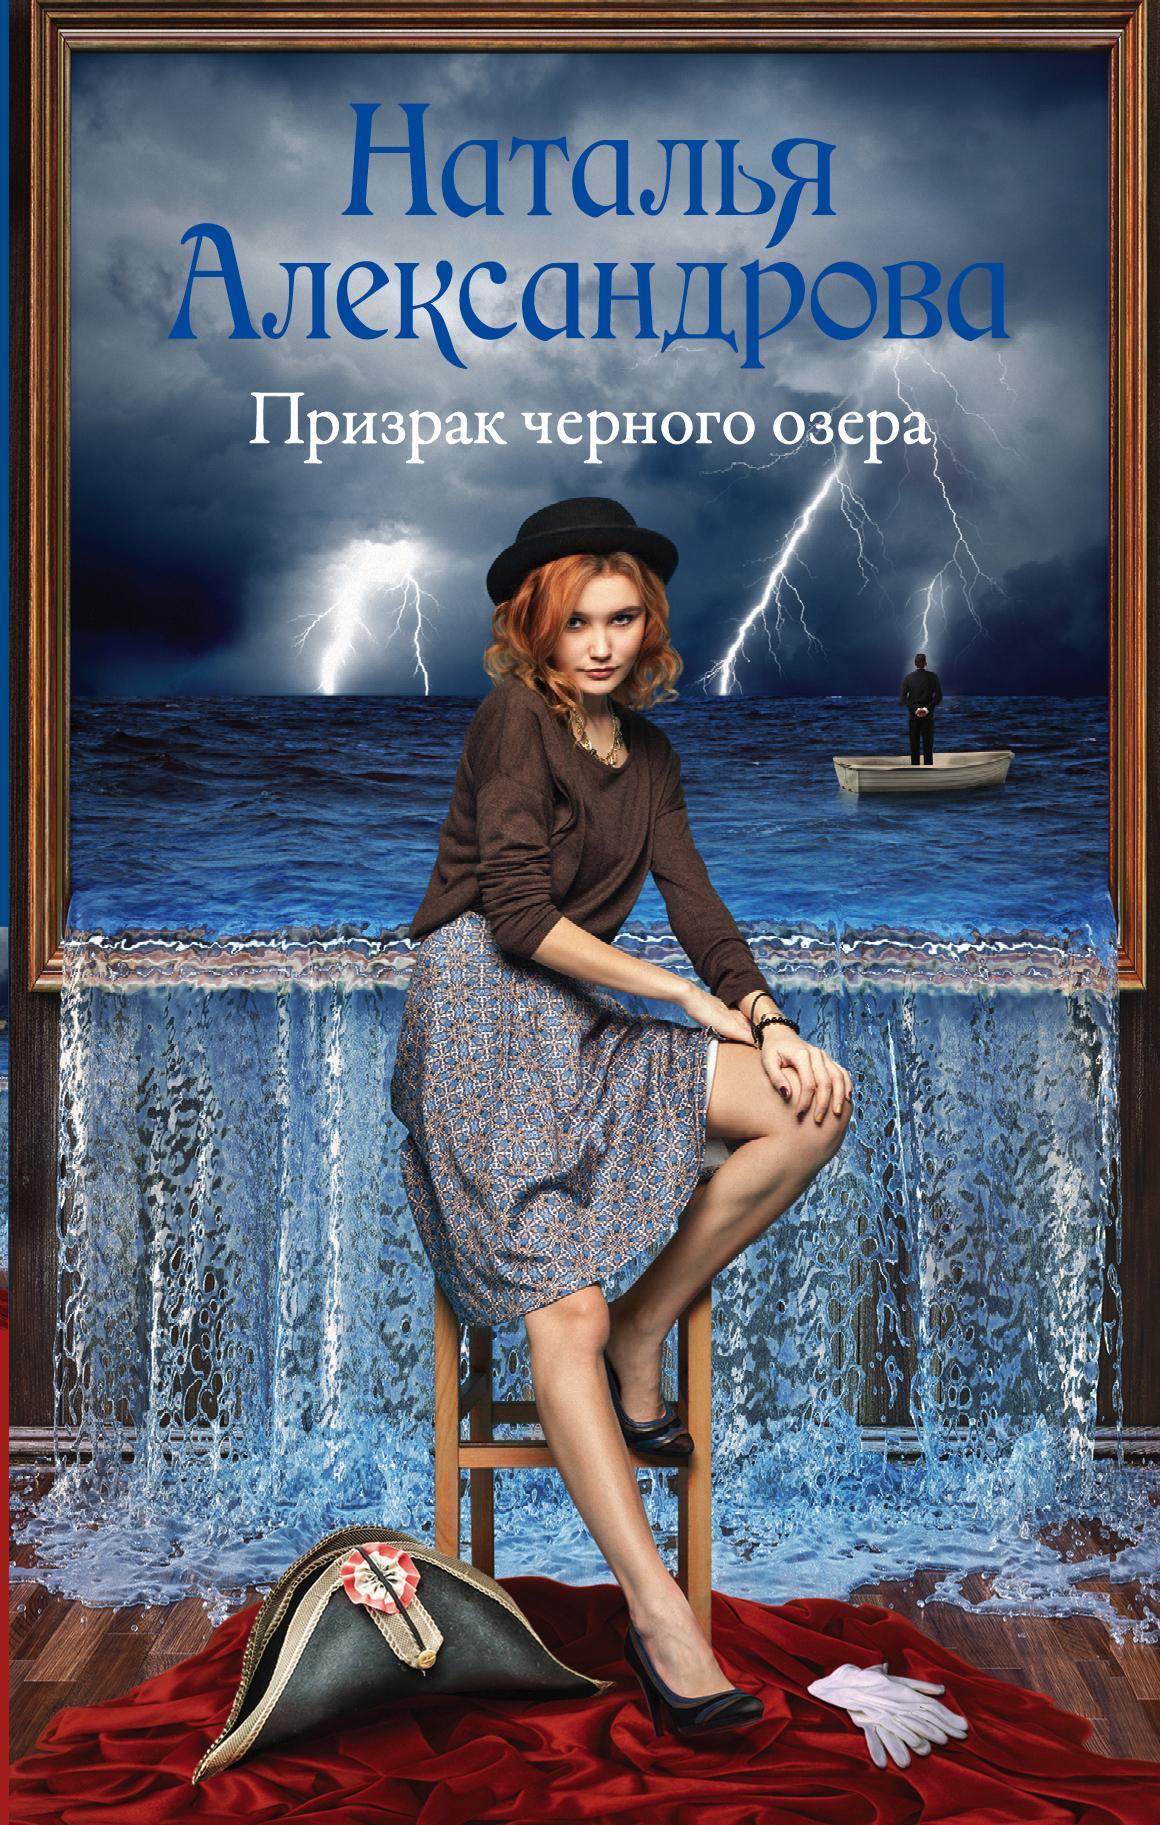 Наталья Александрова - Призрак черного озера